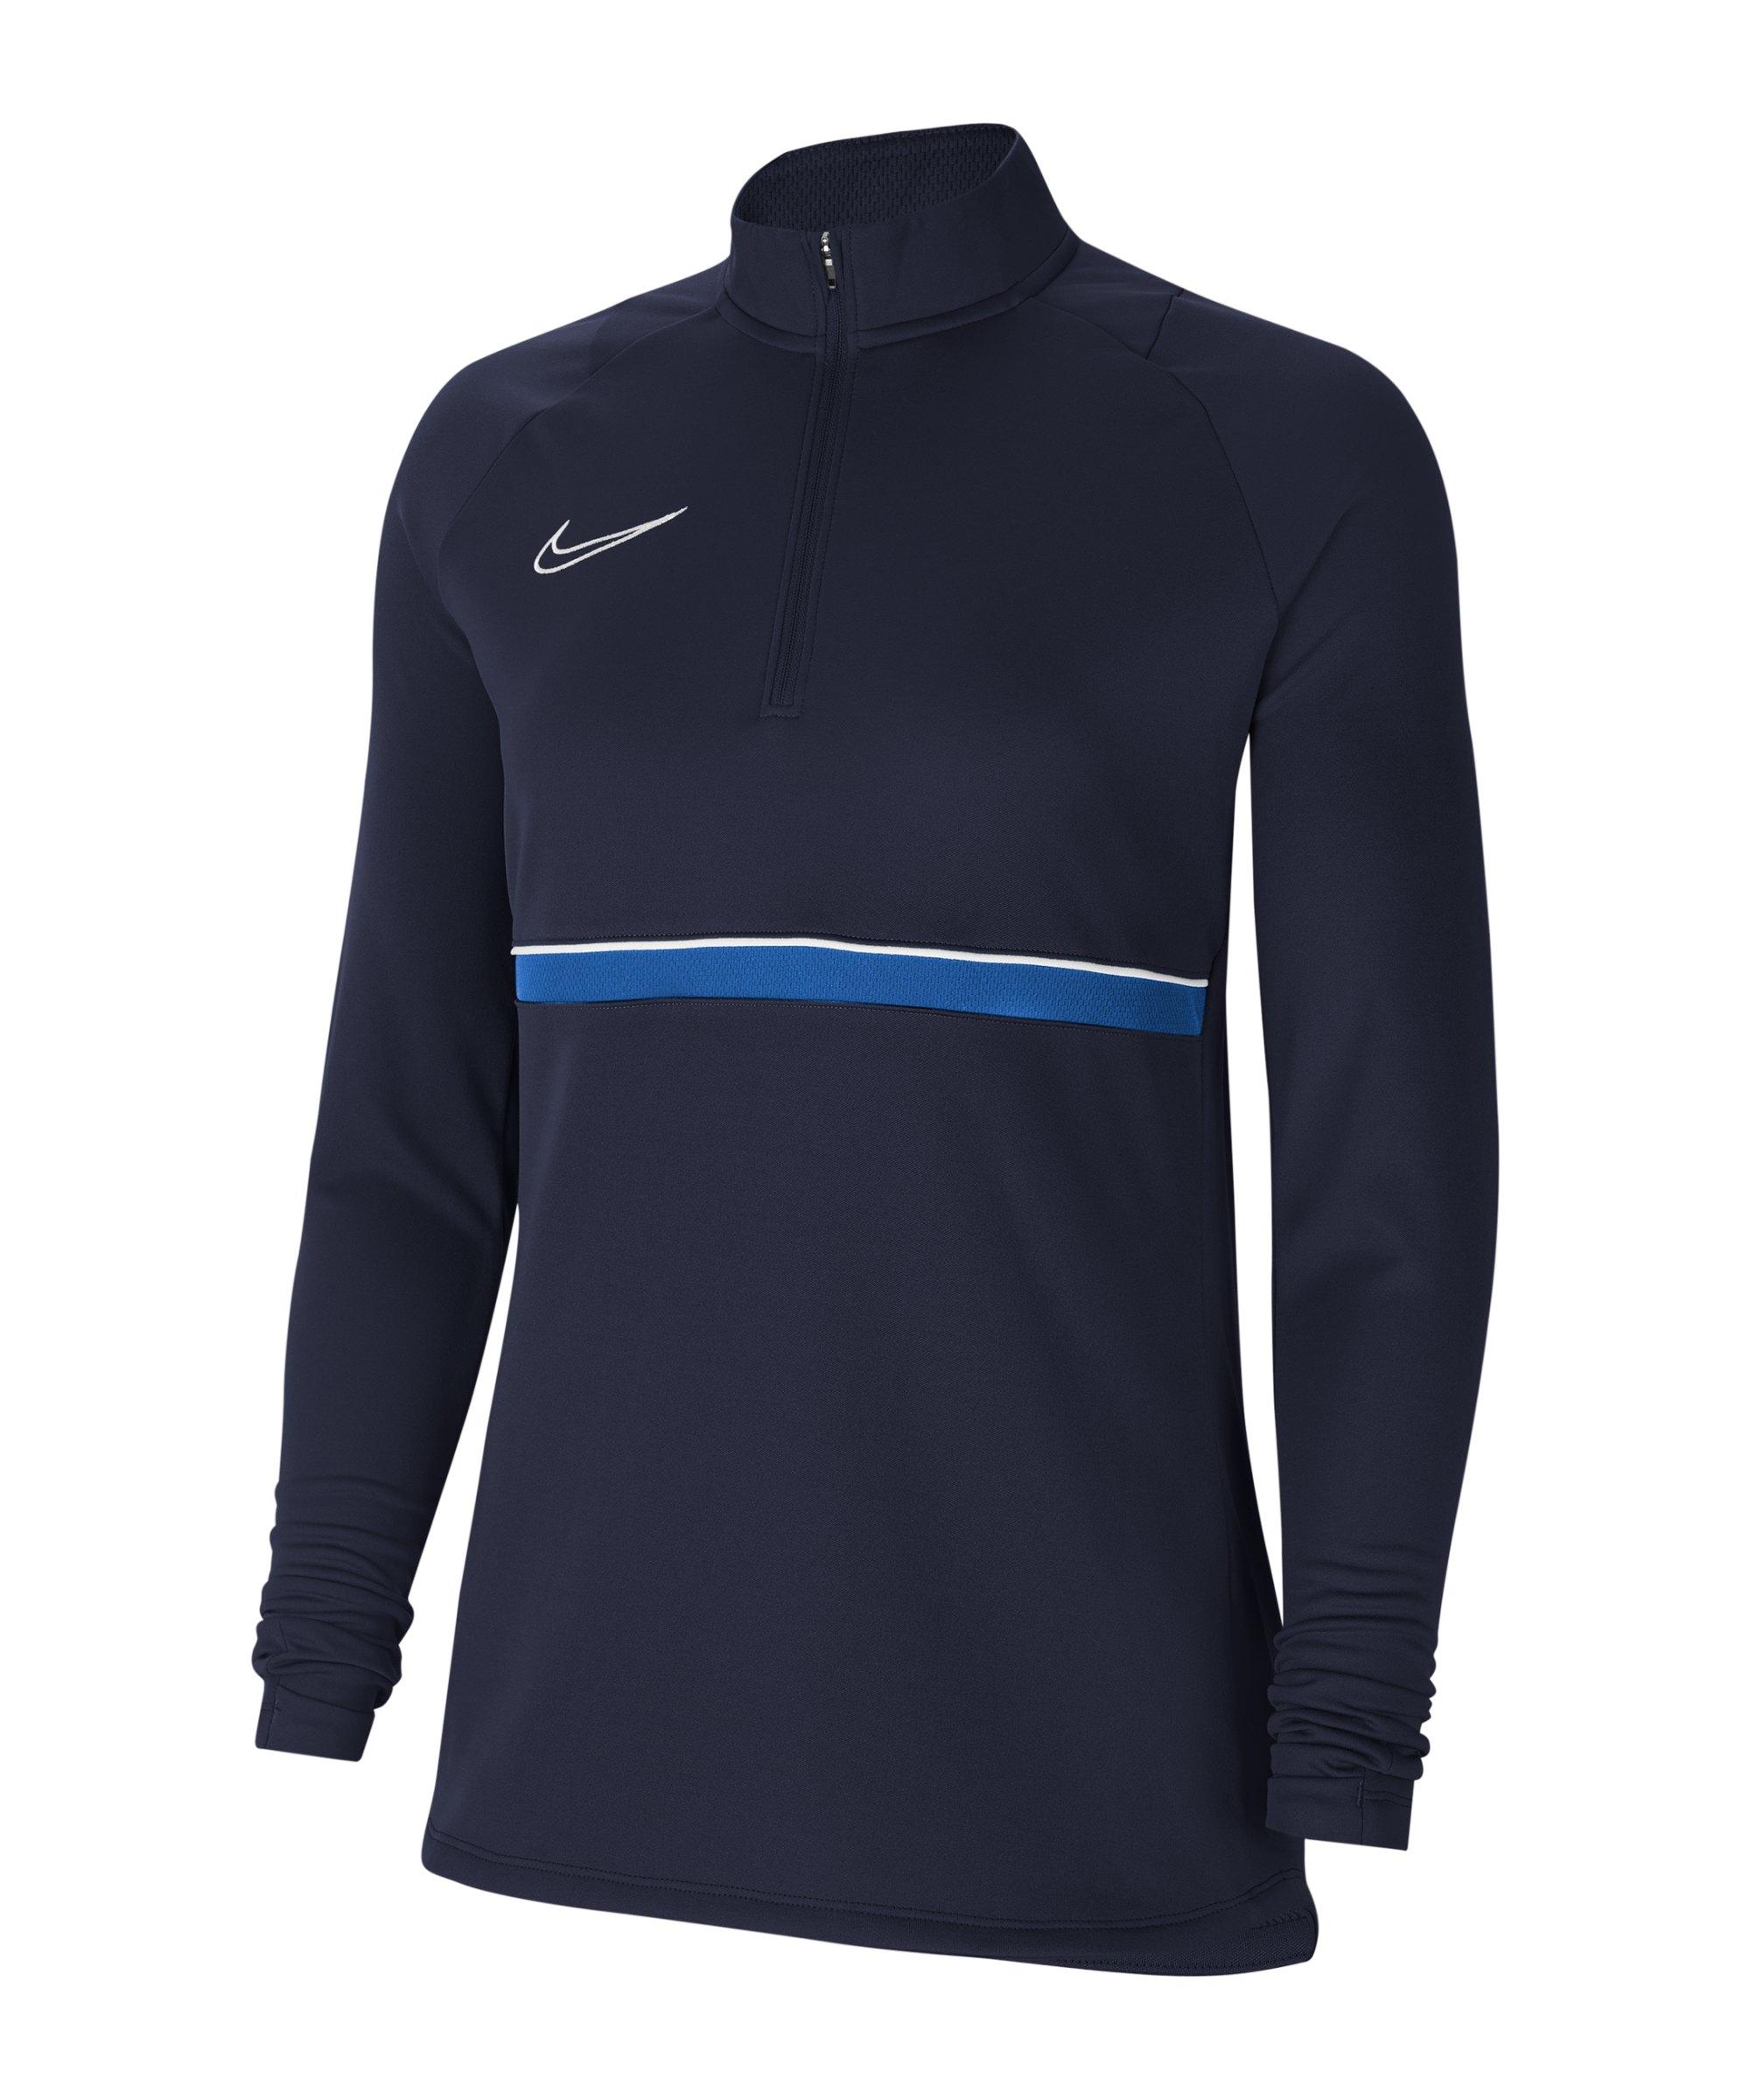 Nike Academy 21 Drill Top Damen Blau Weiss F453 - blau